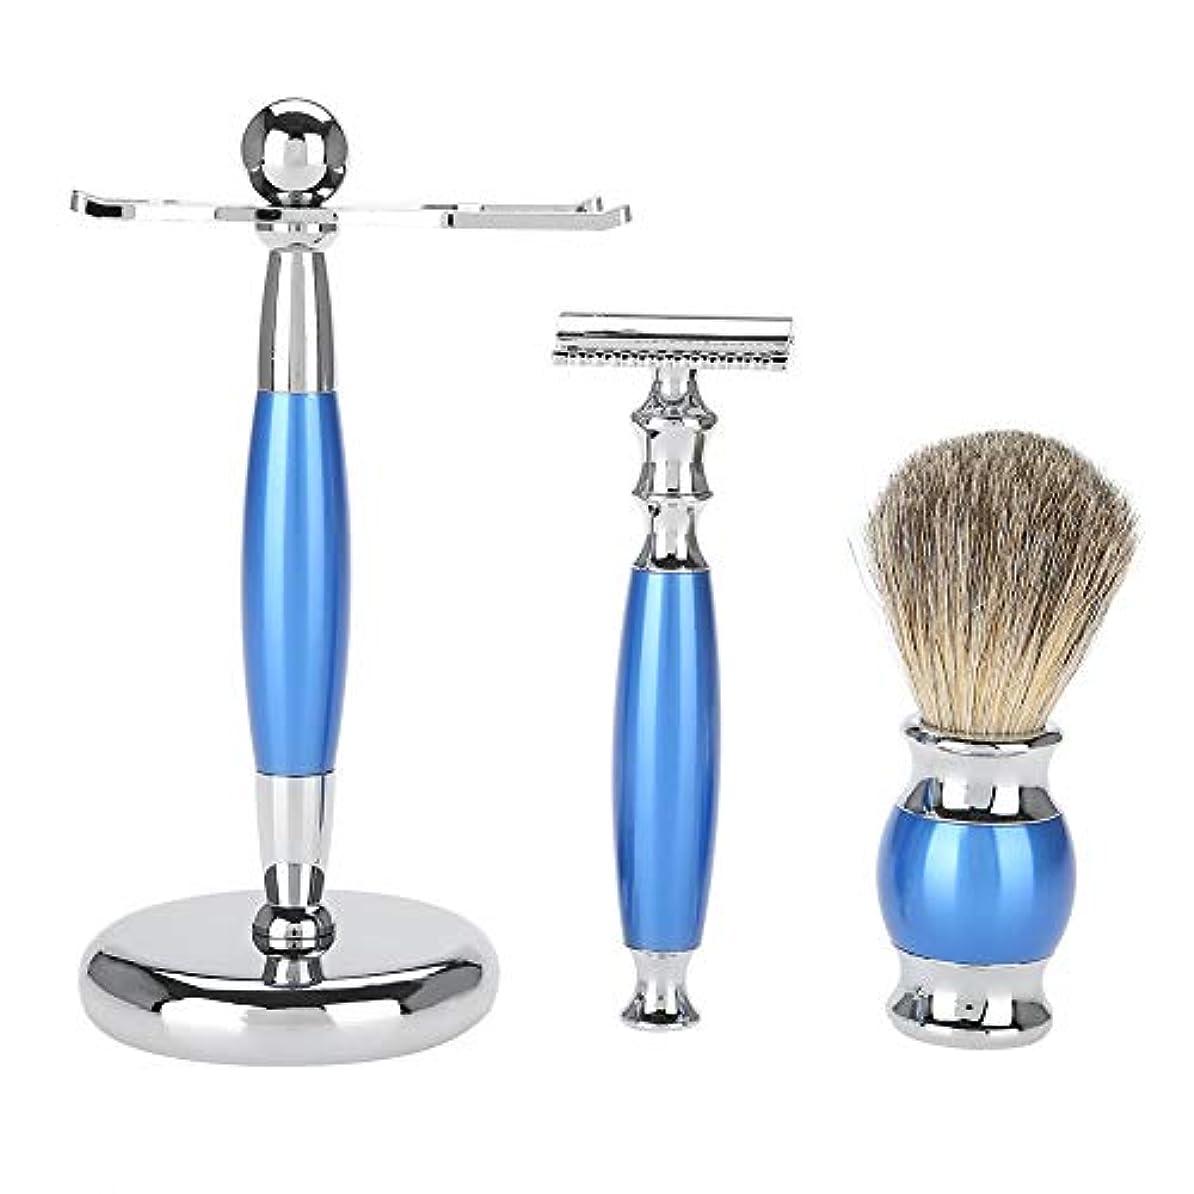 コンデンサーヘロイン素晴らしきひげ剃りセット安全剃刀ブラシスタンドラックホルダー (青)